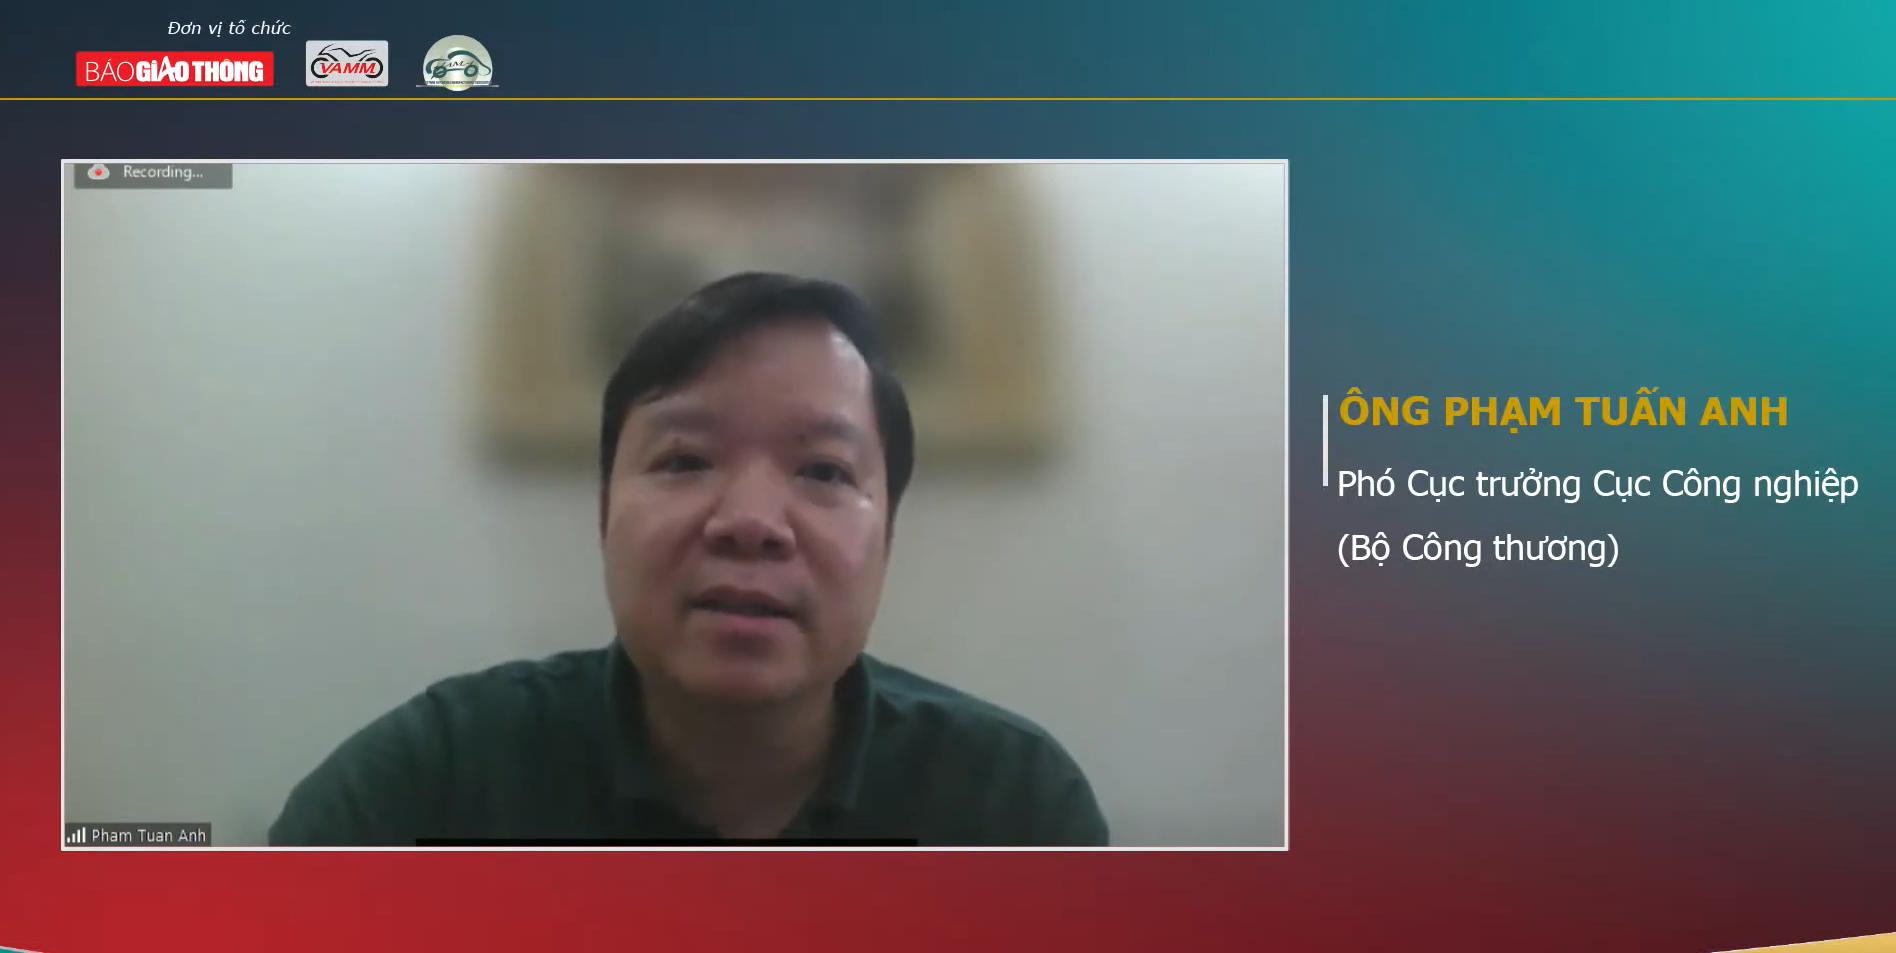 Bộ Công Thương: GDP bình quân đầu người ở Việt Nam khiến sở hữu ô tô chạy xăng còn khó chứ đừng nói đến xe điện - Ảnh 2.